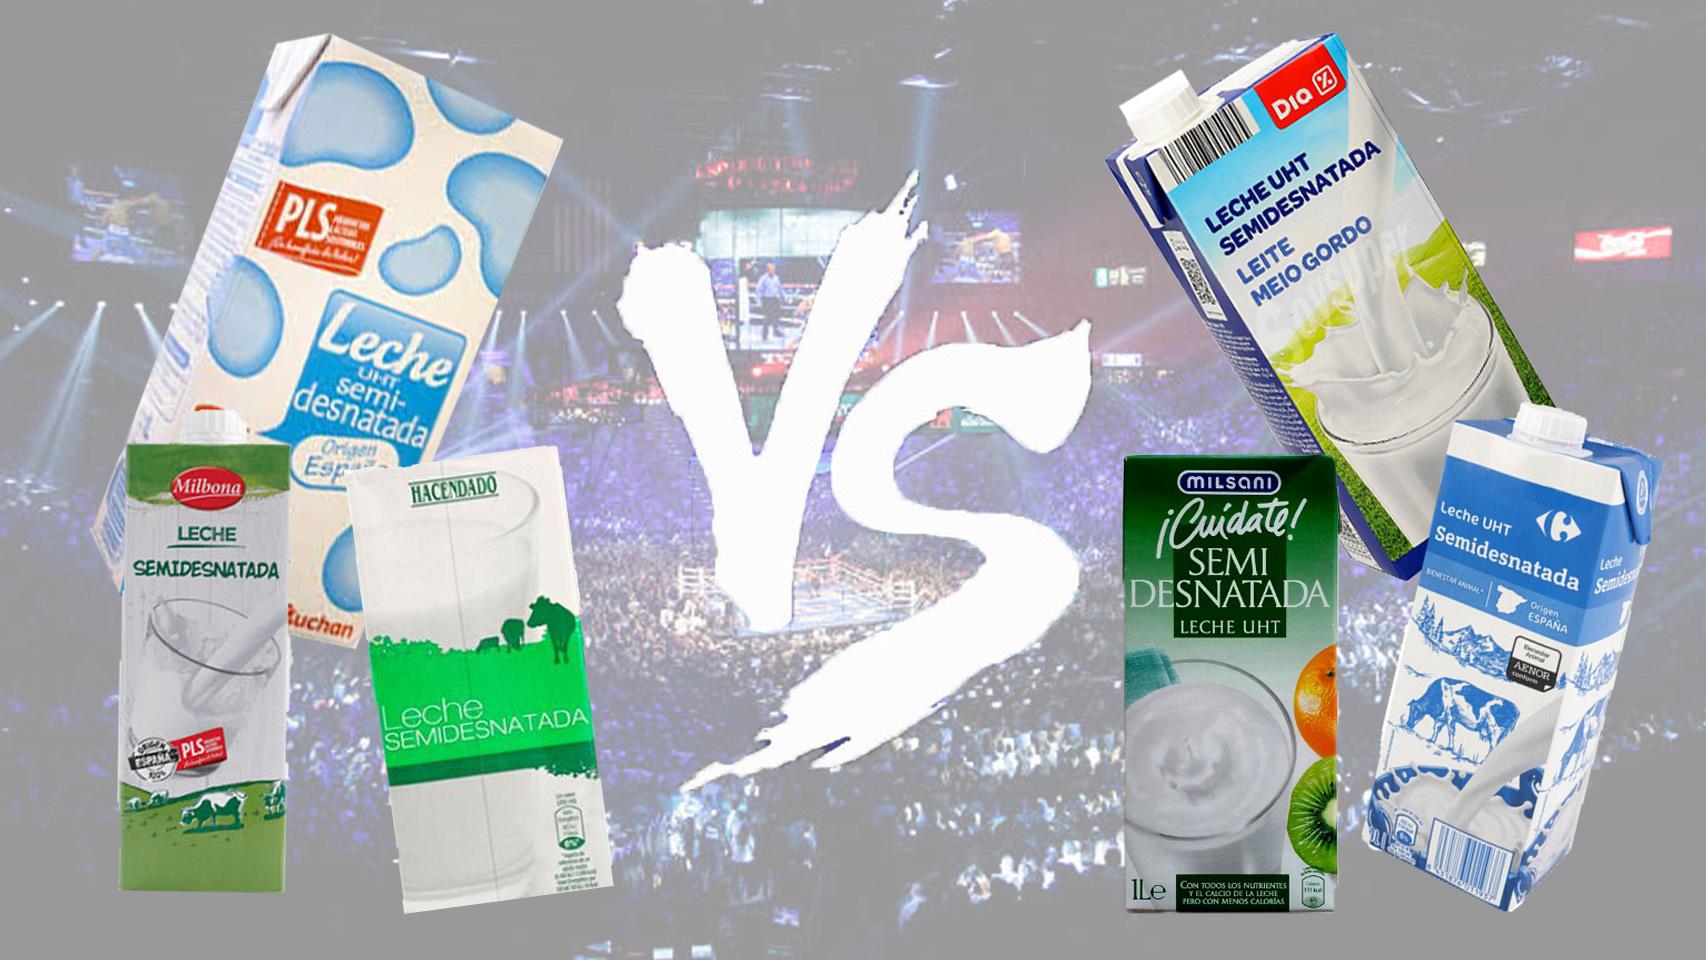 España: gran competencia en leche en supermercados